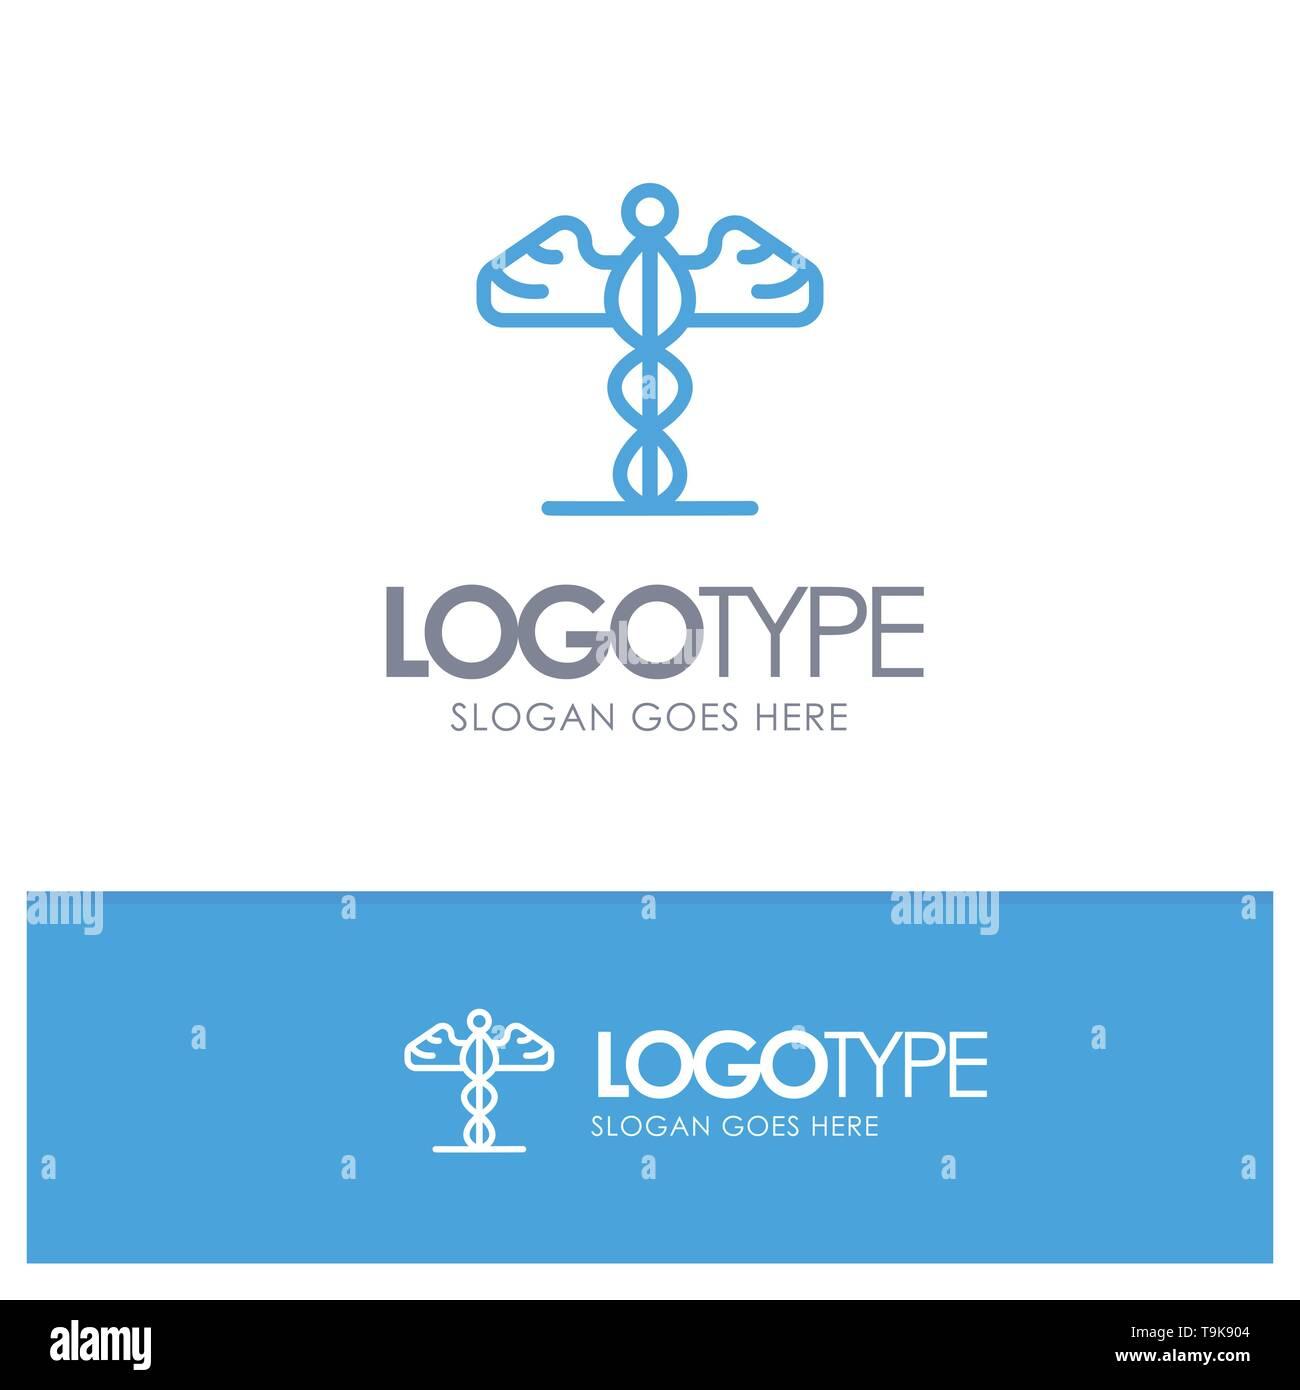 Medicine, Medical, Healthcare, Greece Blue Outline Logo Place for Tagline - Stock Image